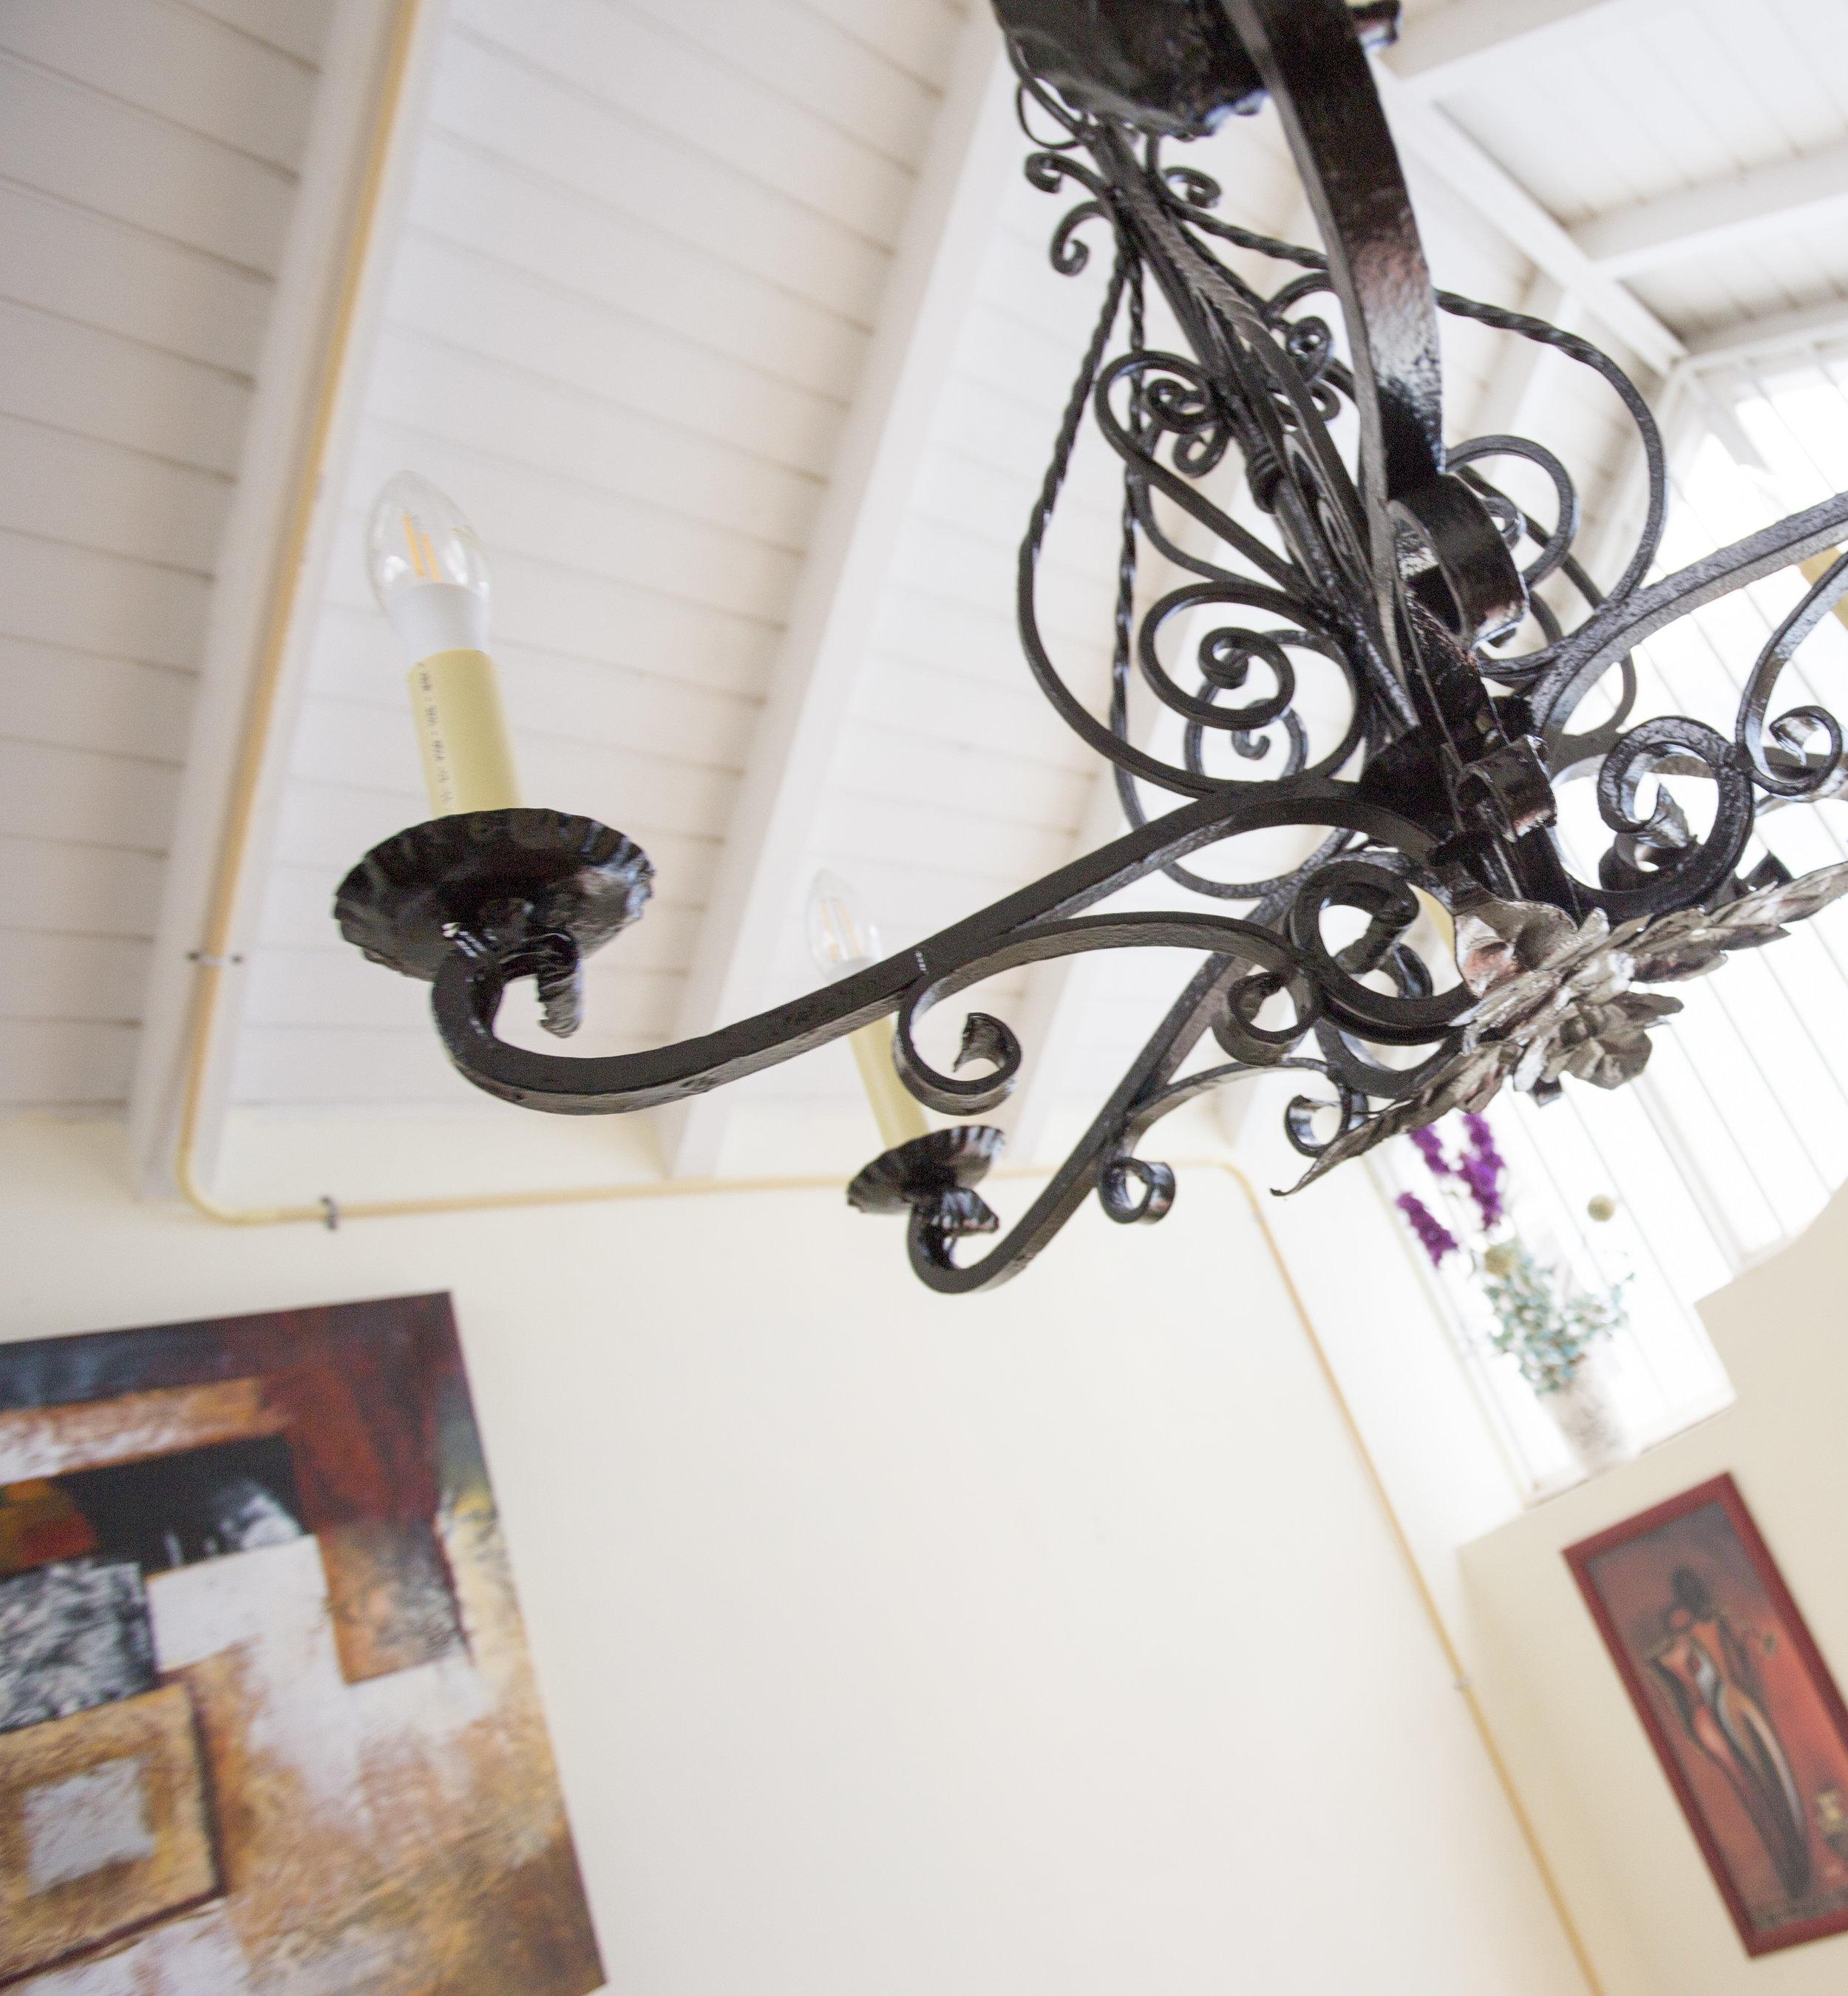 StageDesk-Curaçao-Dolfijn-BergAltena-Pelikaan-huis02.jpg